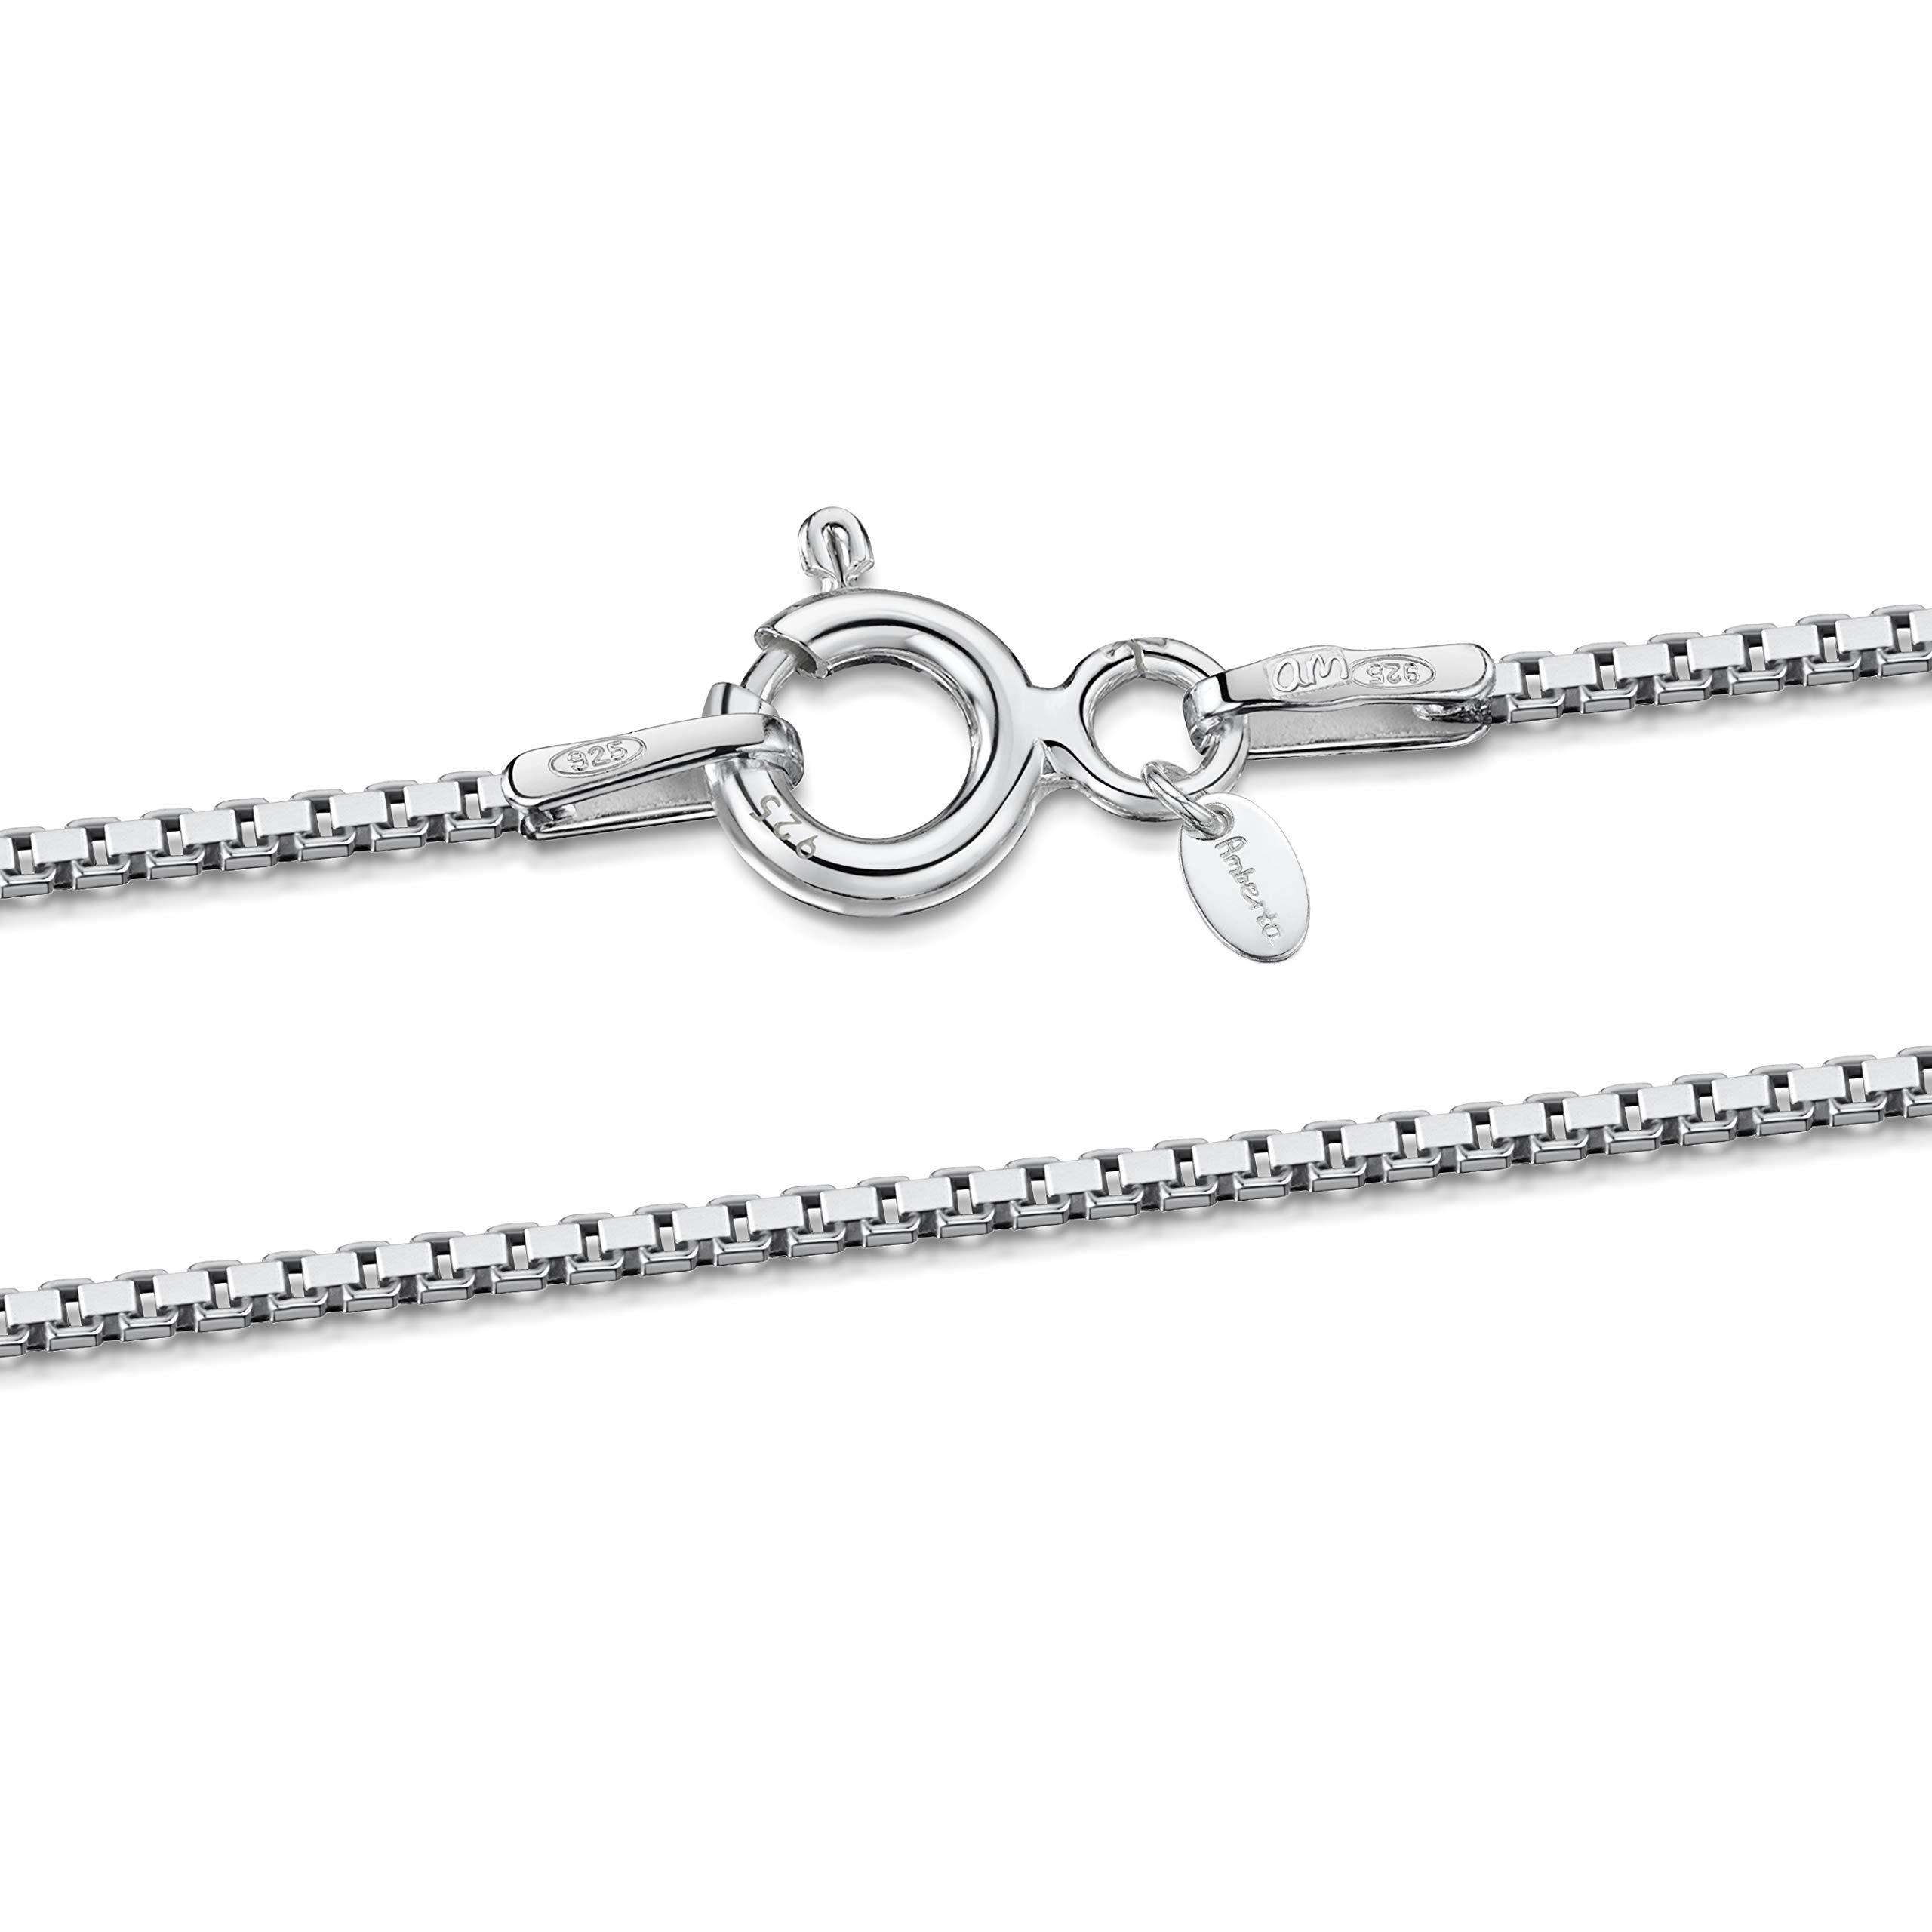 3e14eb6397c6 Amberta Joyería - Collar - Fina Plata De Ley 925 - Cadena de Eslabón  Cuadrado -